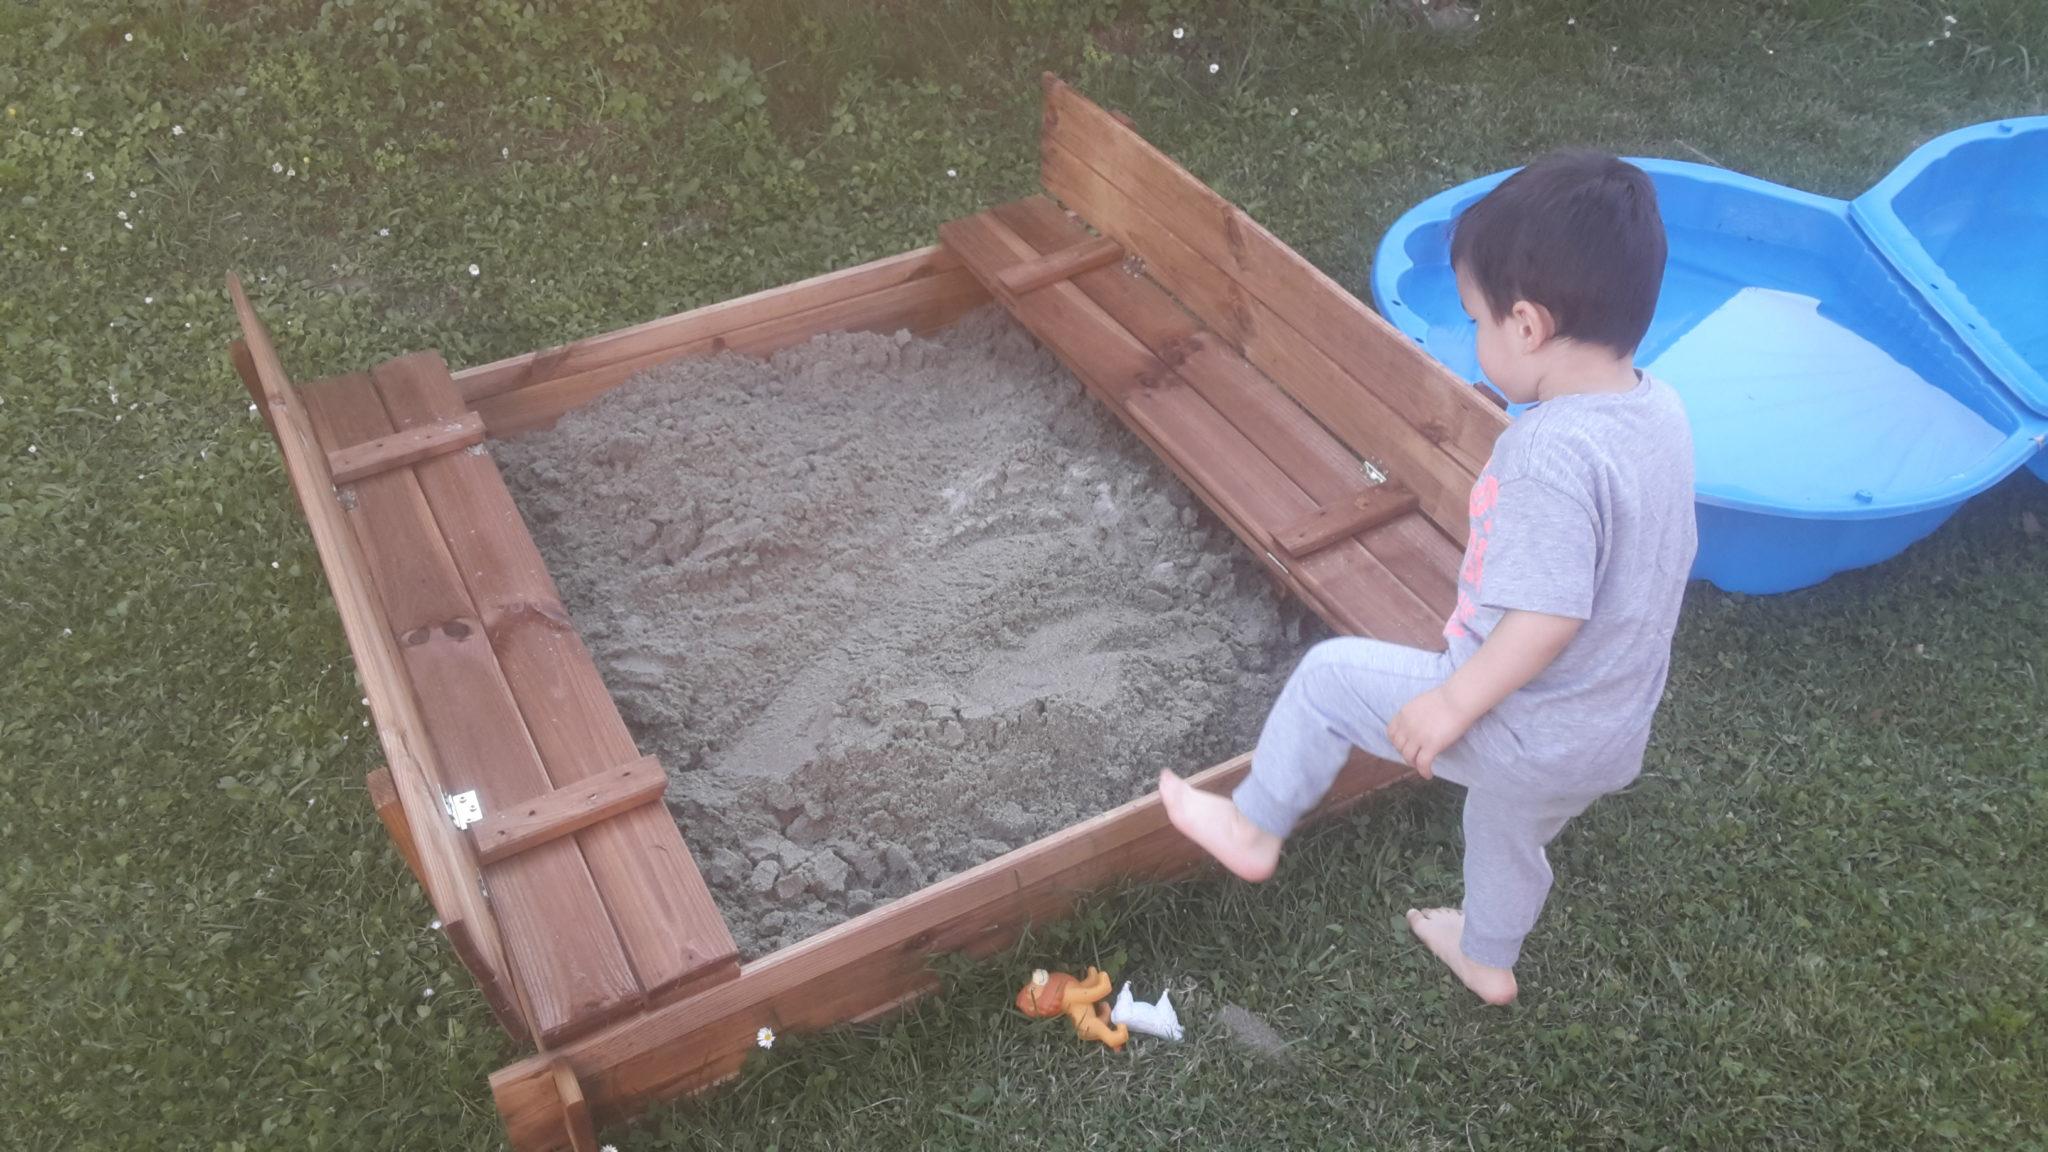 Sabbiera per bambini in legno come costruirla for Blocca maniglie bambini